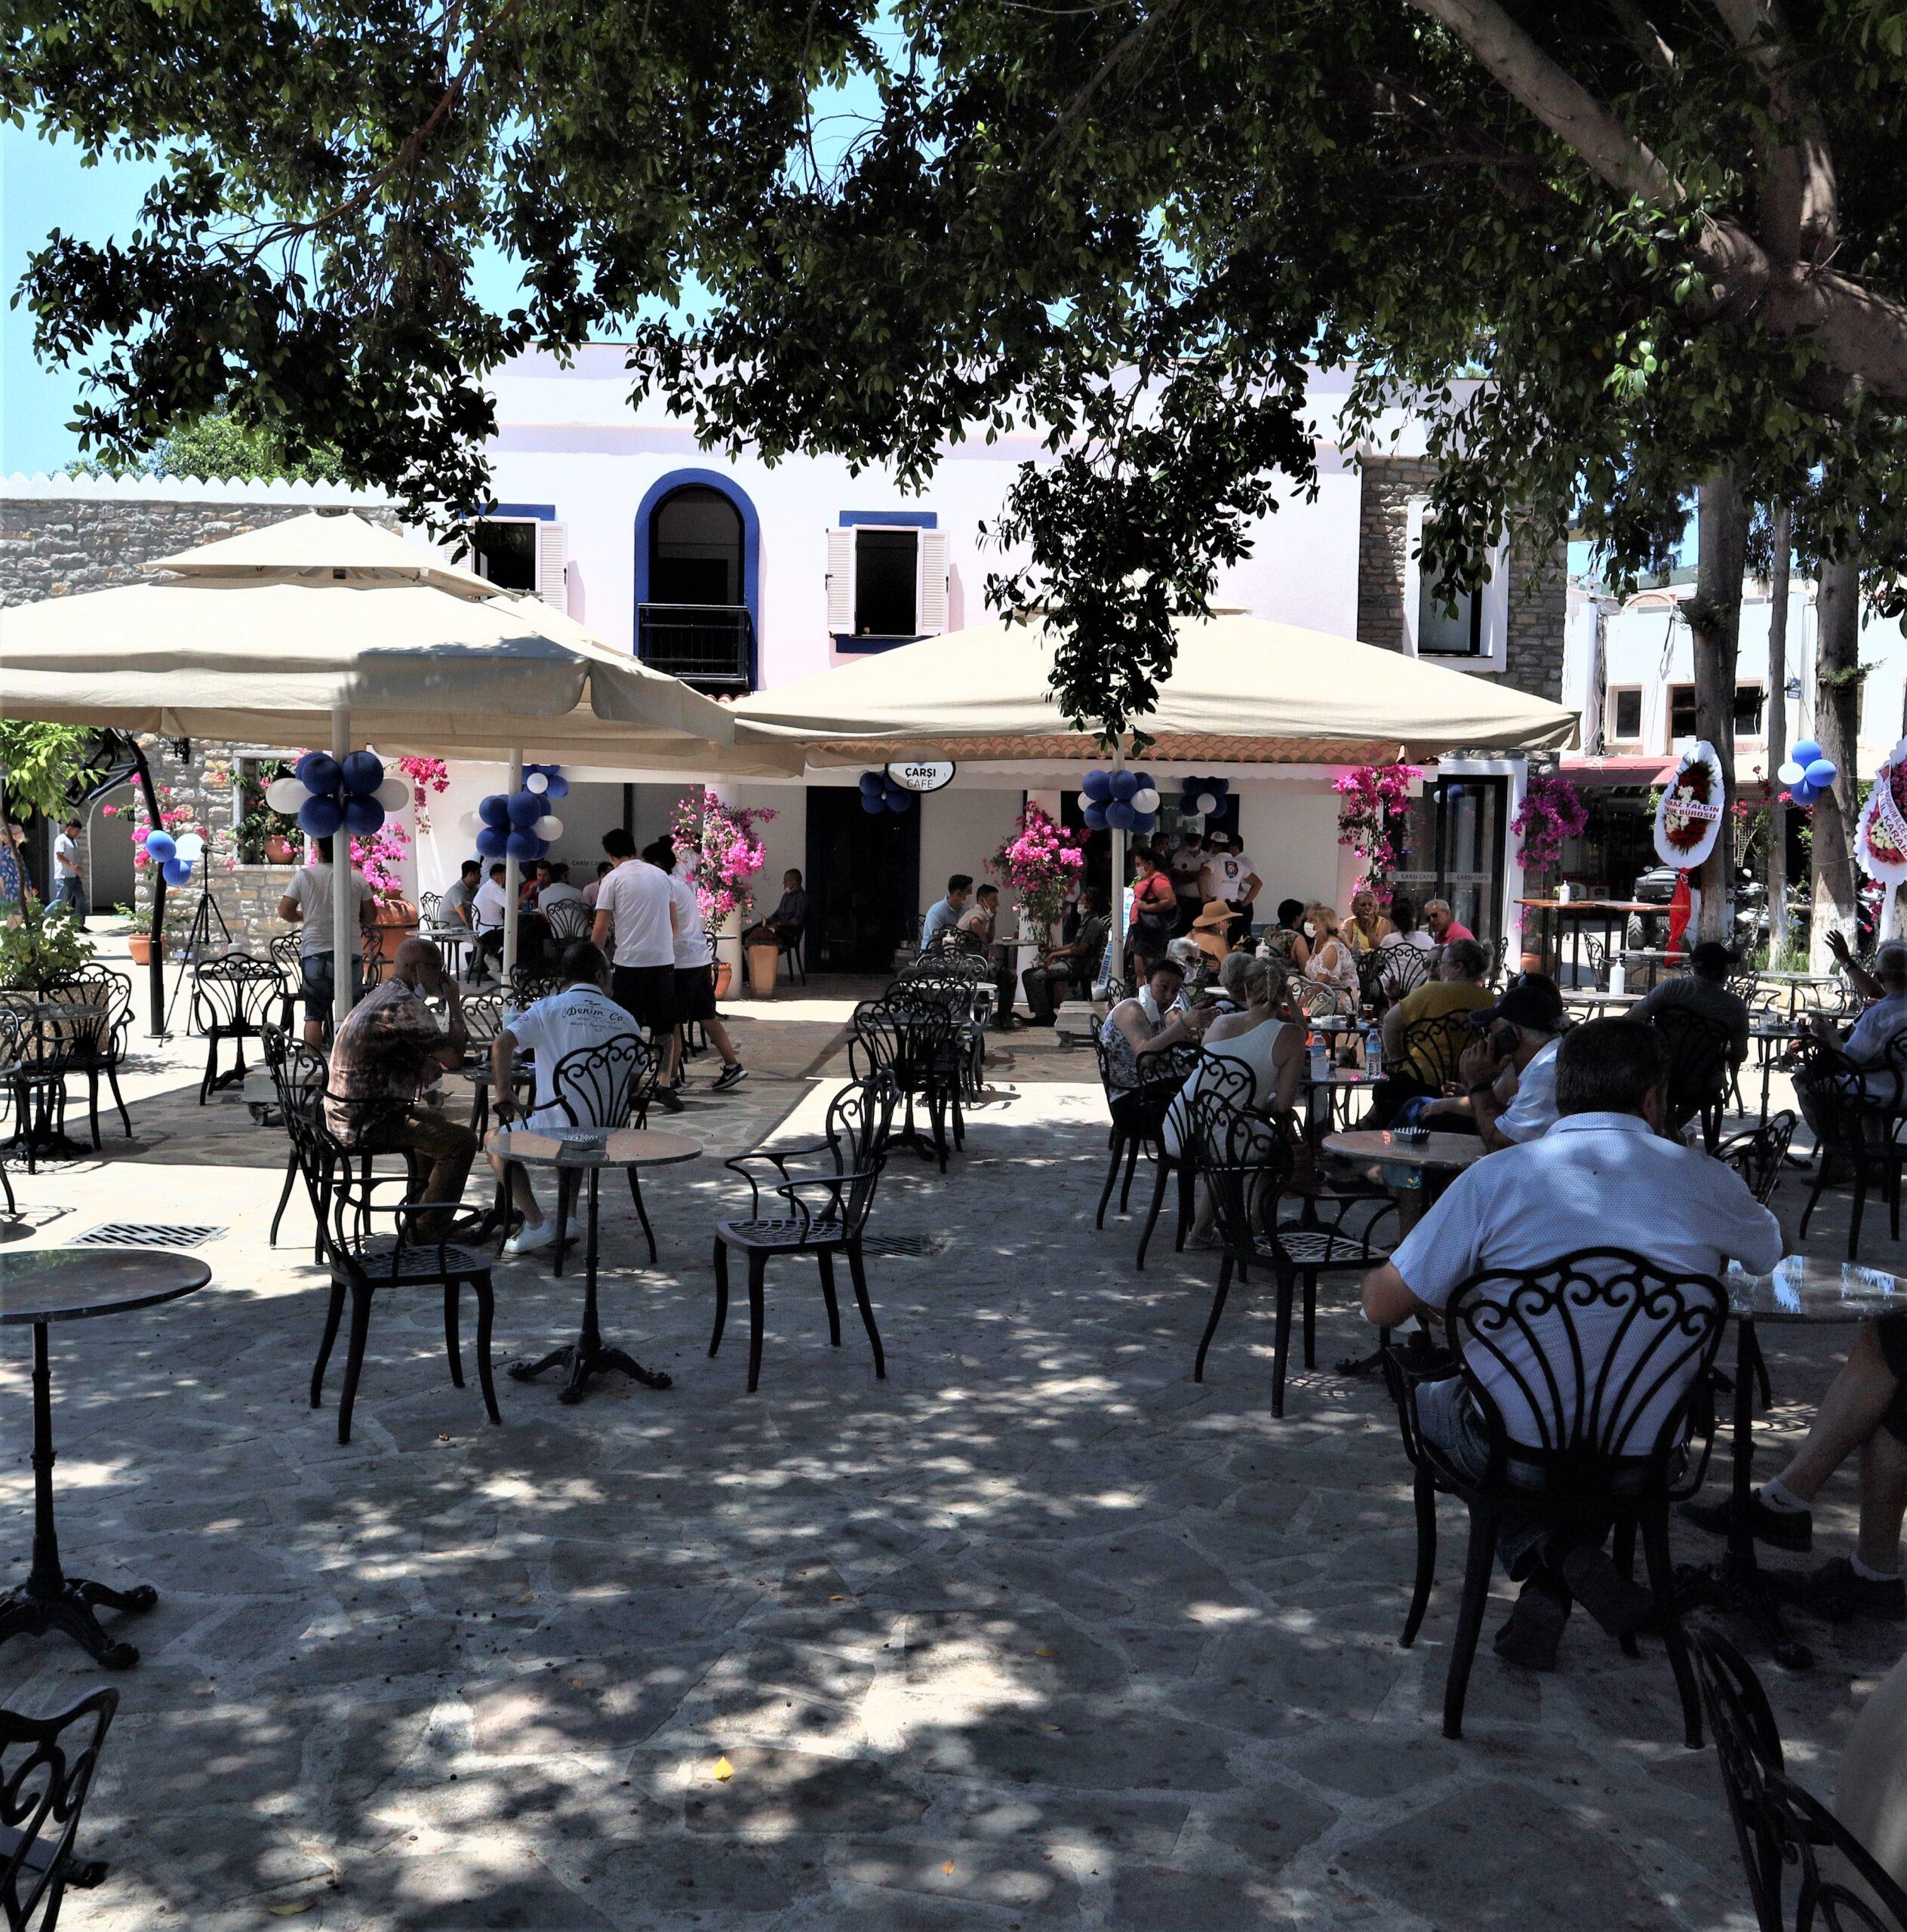 ÇARŞI CAFE